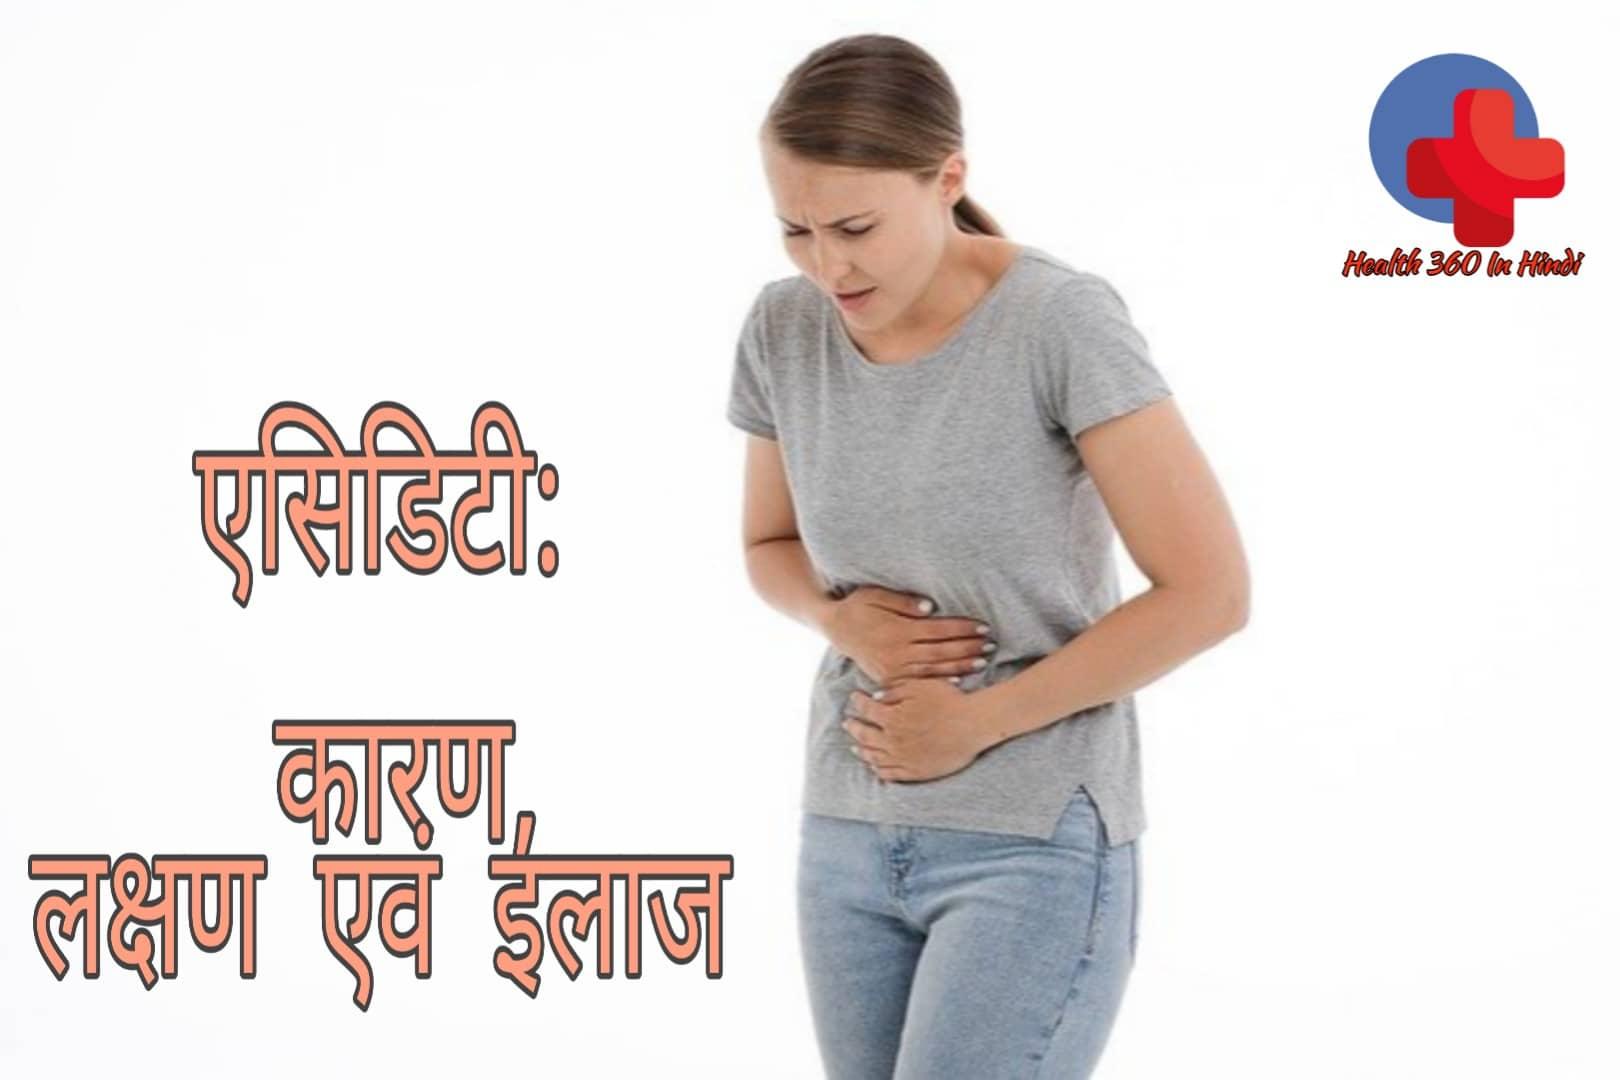 एसिडिटी क्या है? लक्षण एवं कारण – What is Acidity in Hindi